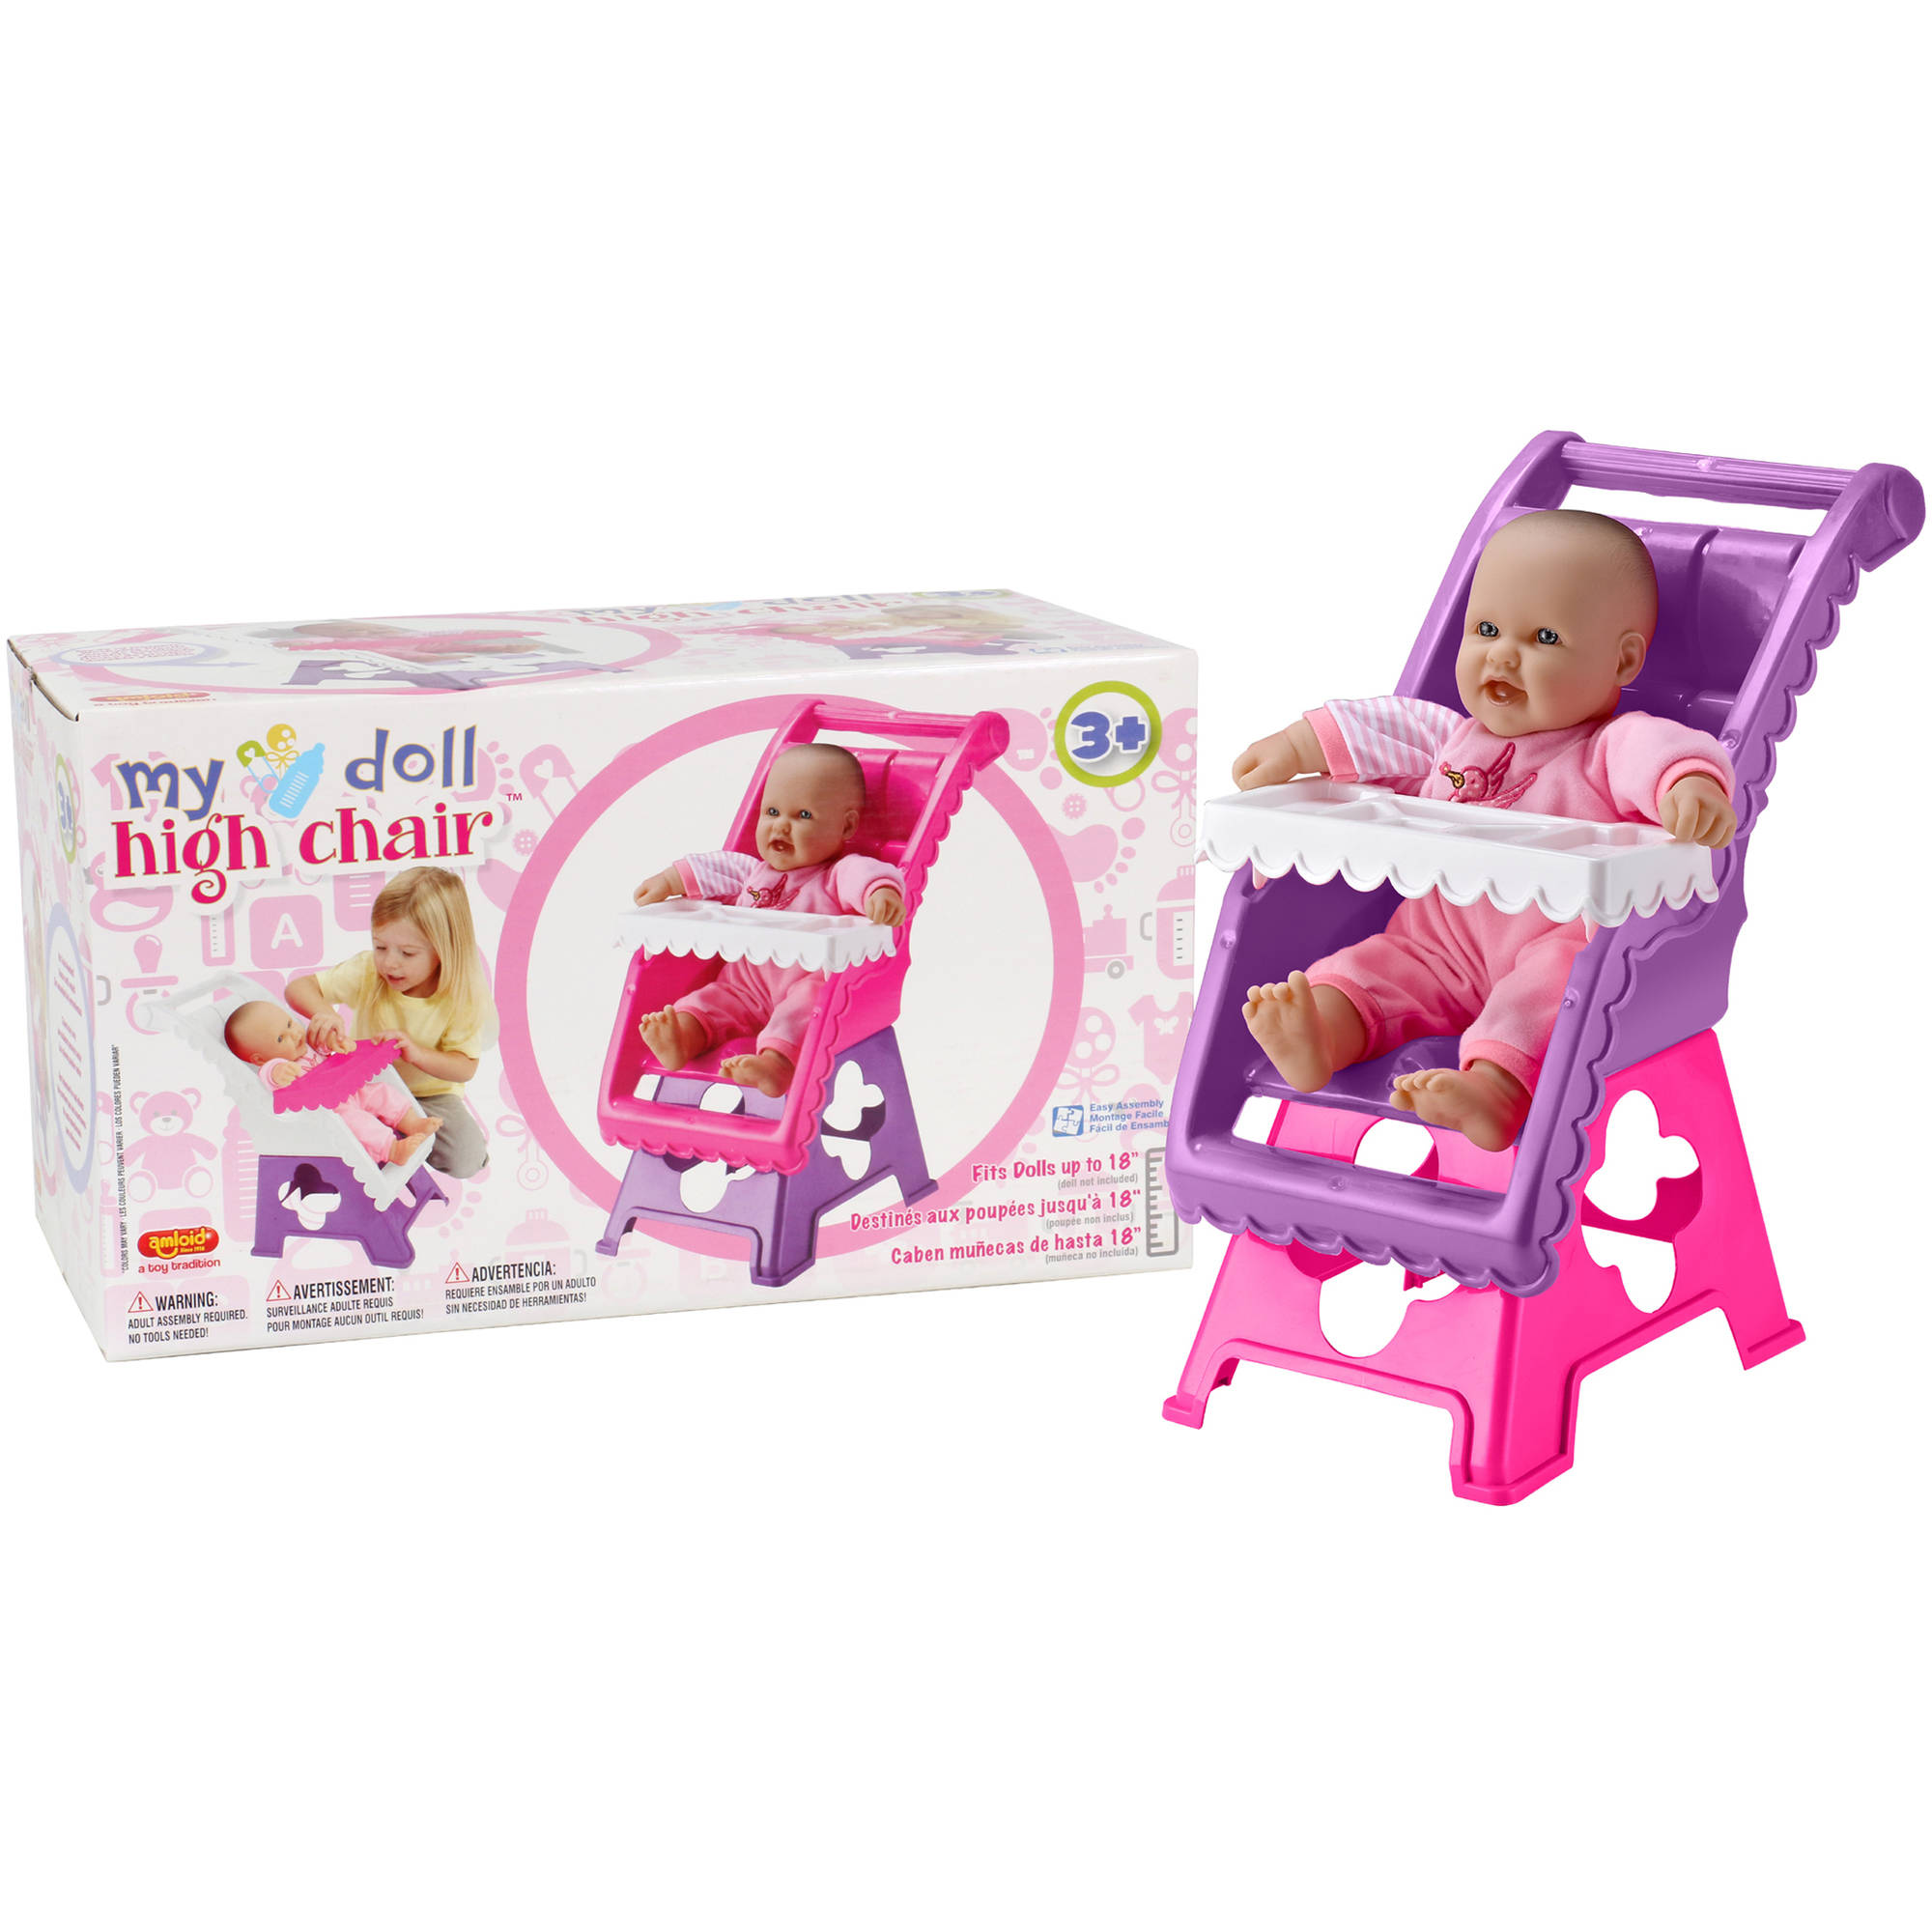 Amloid My Doll High Chair Walmart